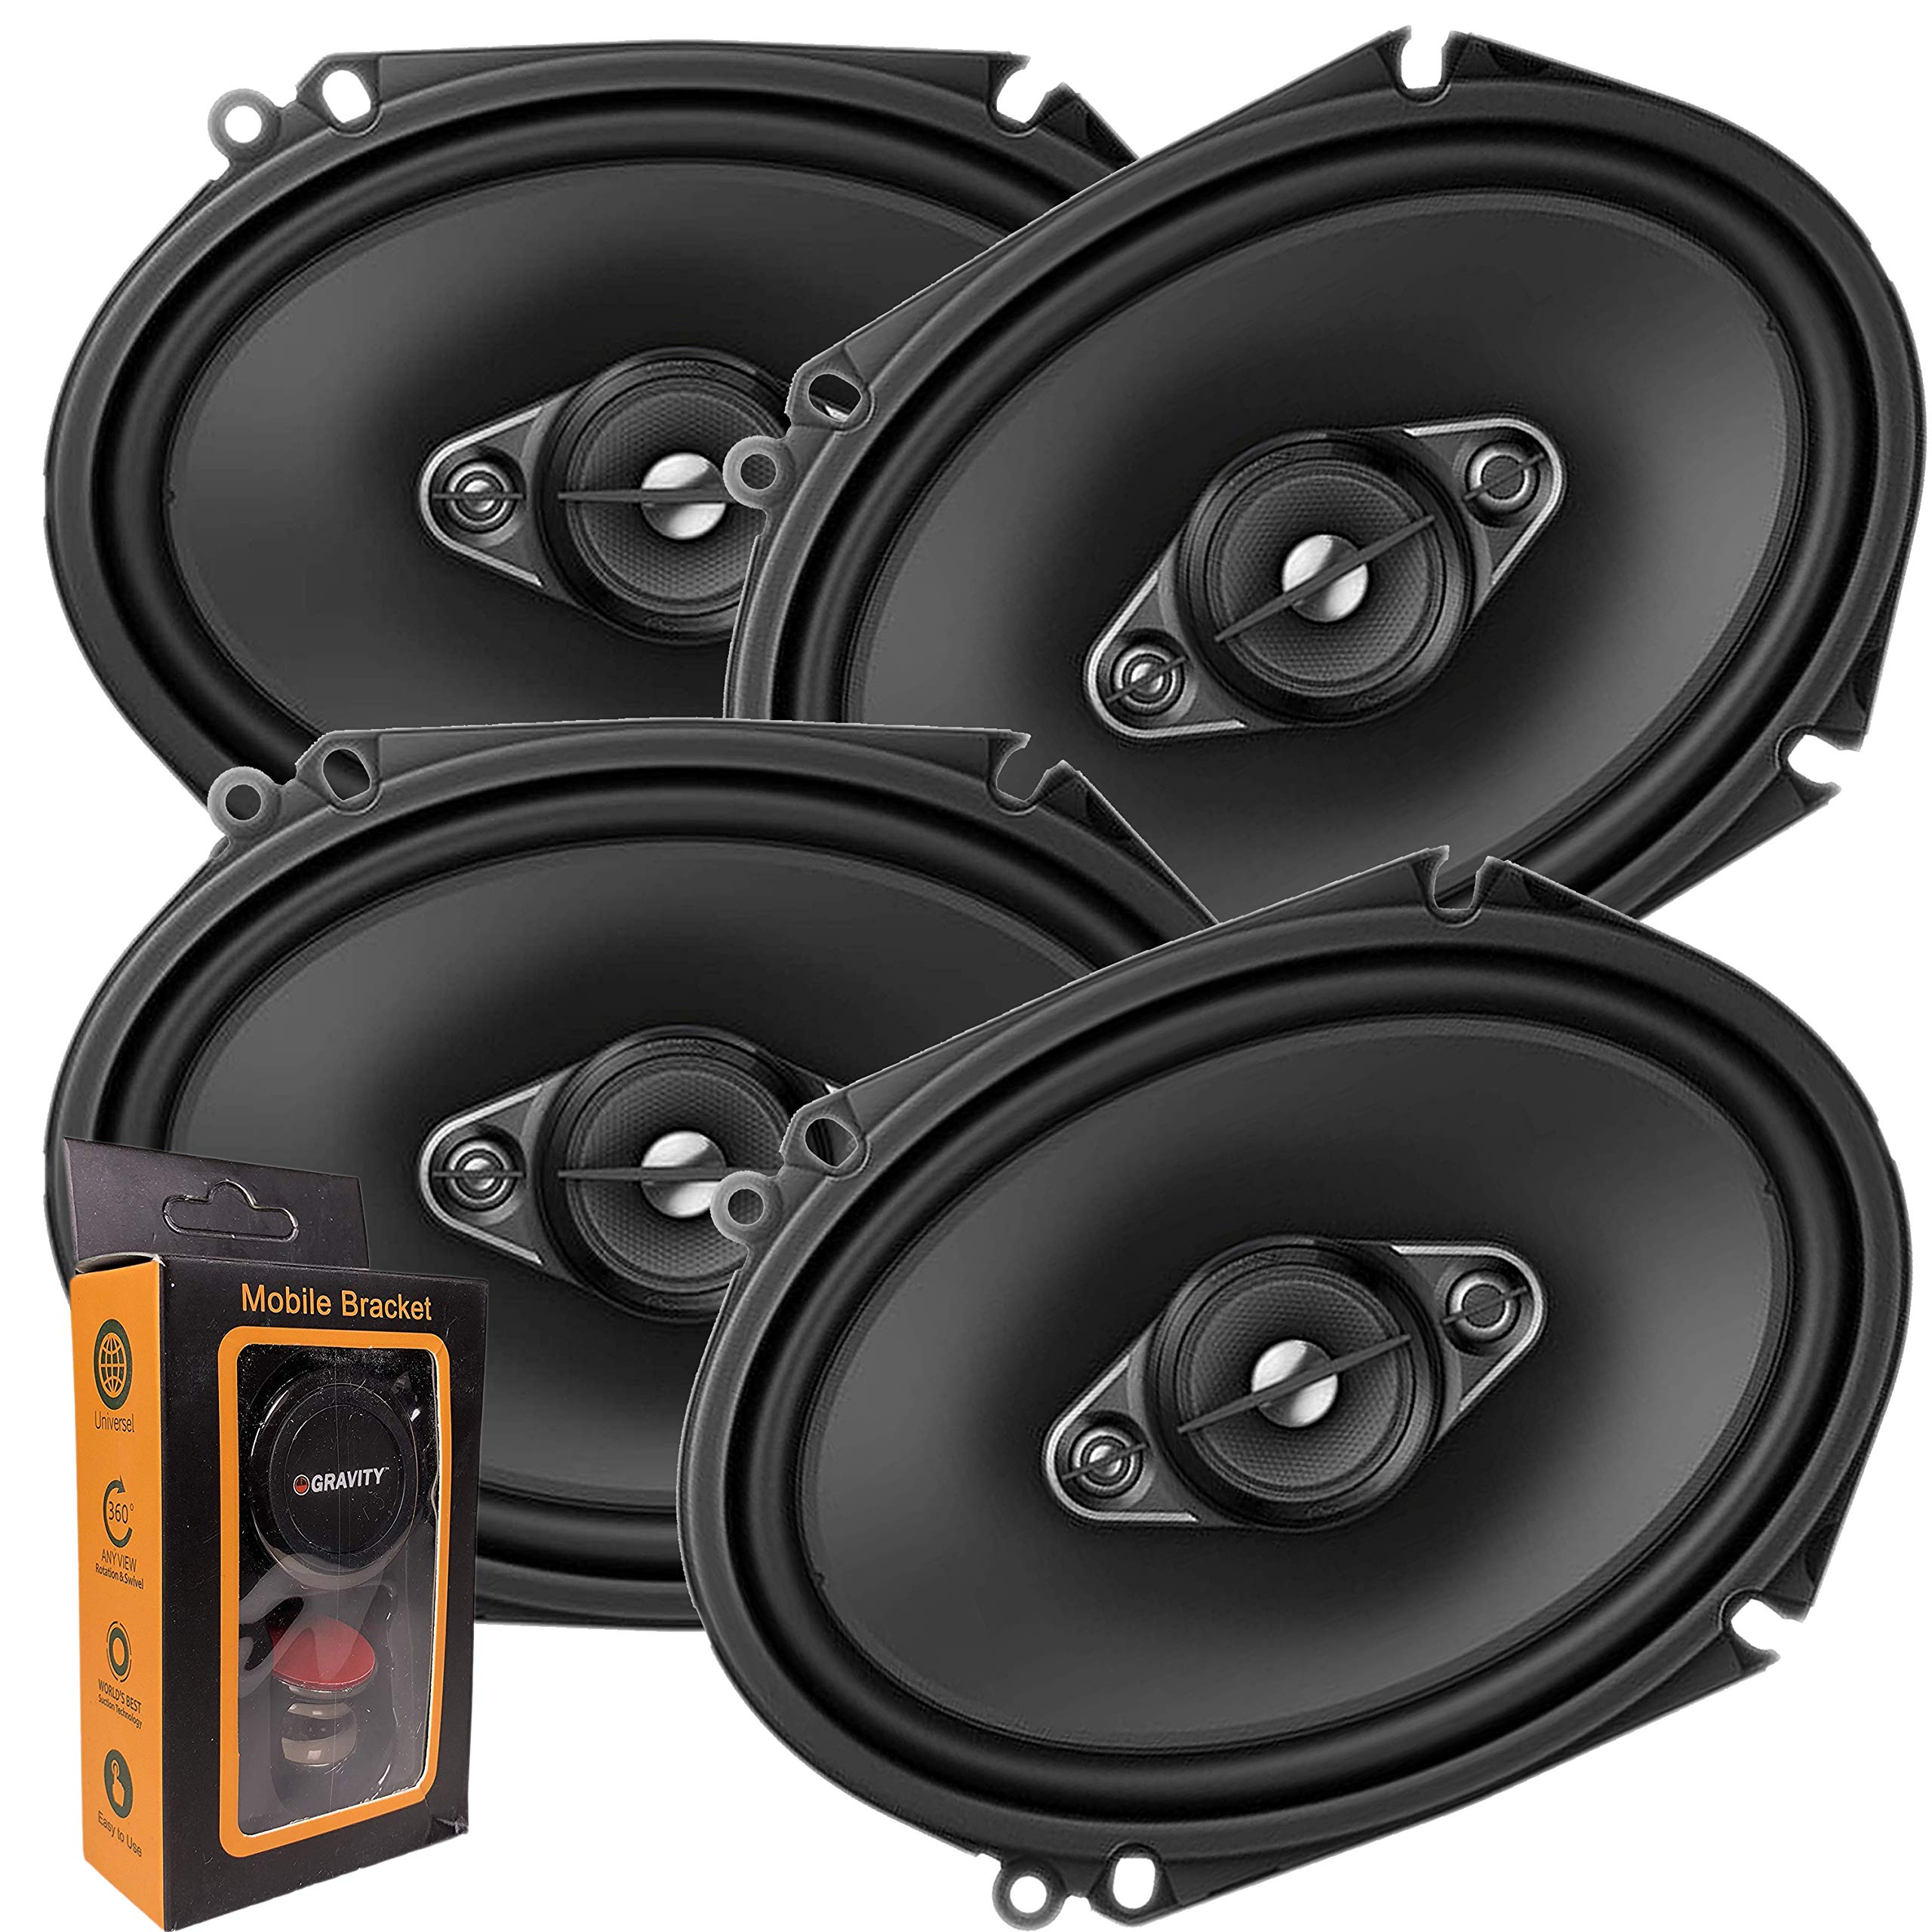 TS-A1680F + Gravity Phone Magnet Holder Pair of Pioneer 6-1//2 6.5 4-Way 350 Watt Coaxial Car Audio Speakers 2 Speakers